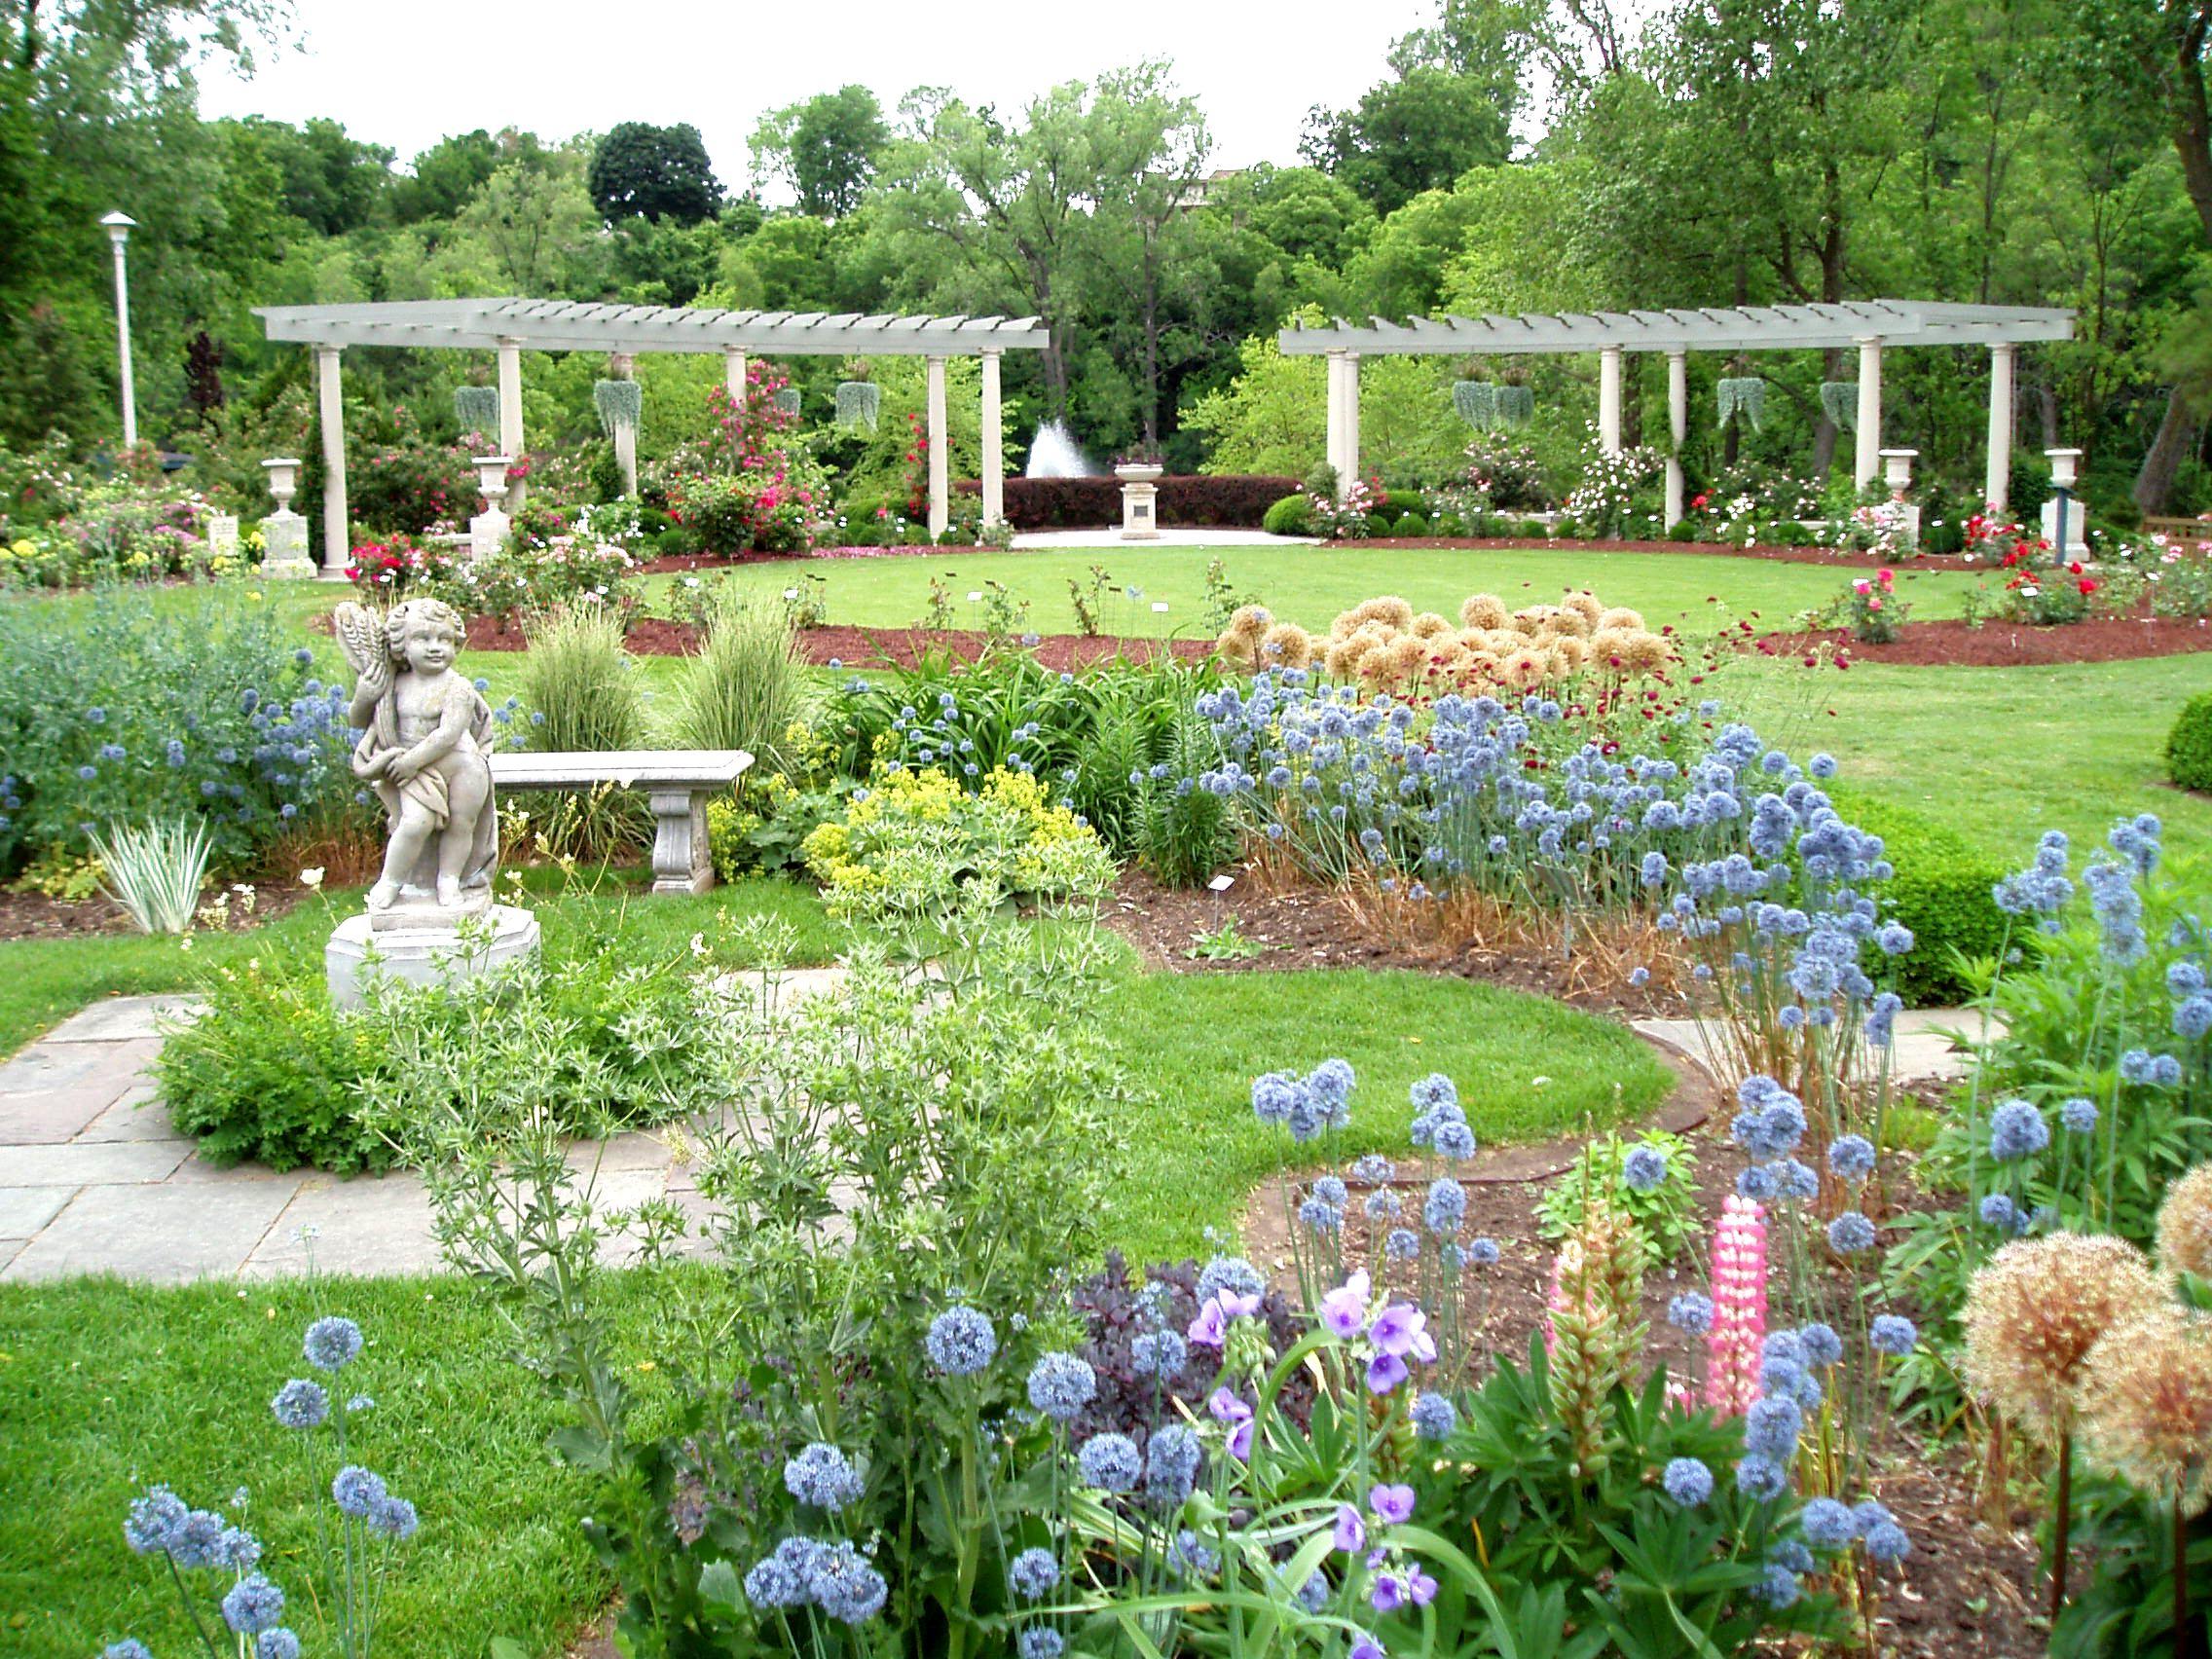 bien connu lgant idee jardin paysagiste lide dun porte manteau